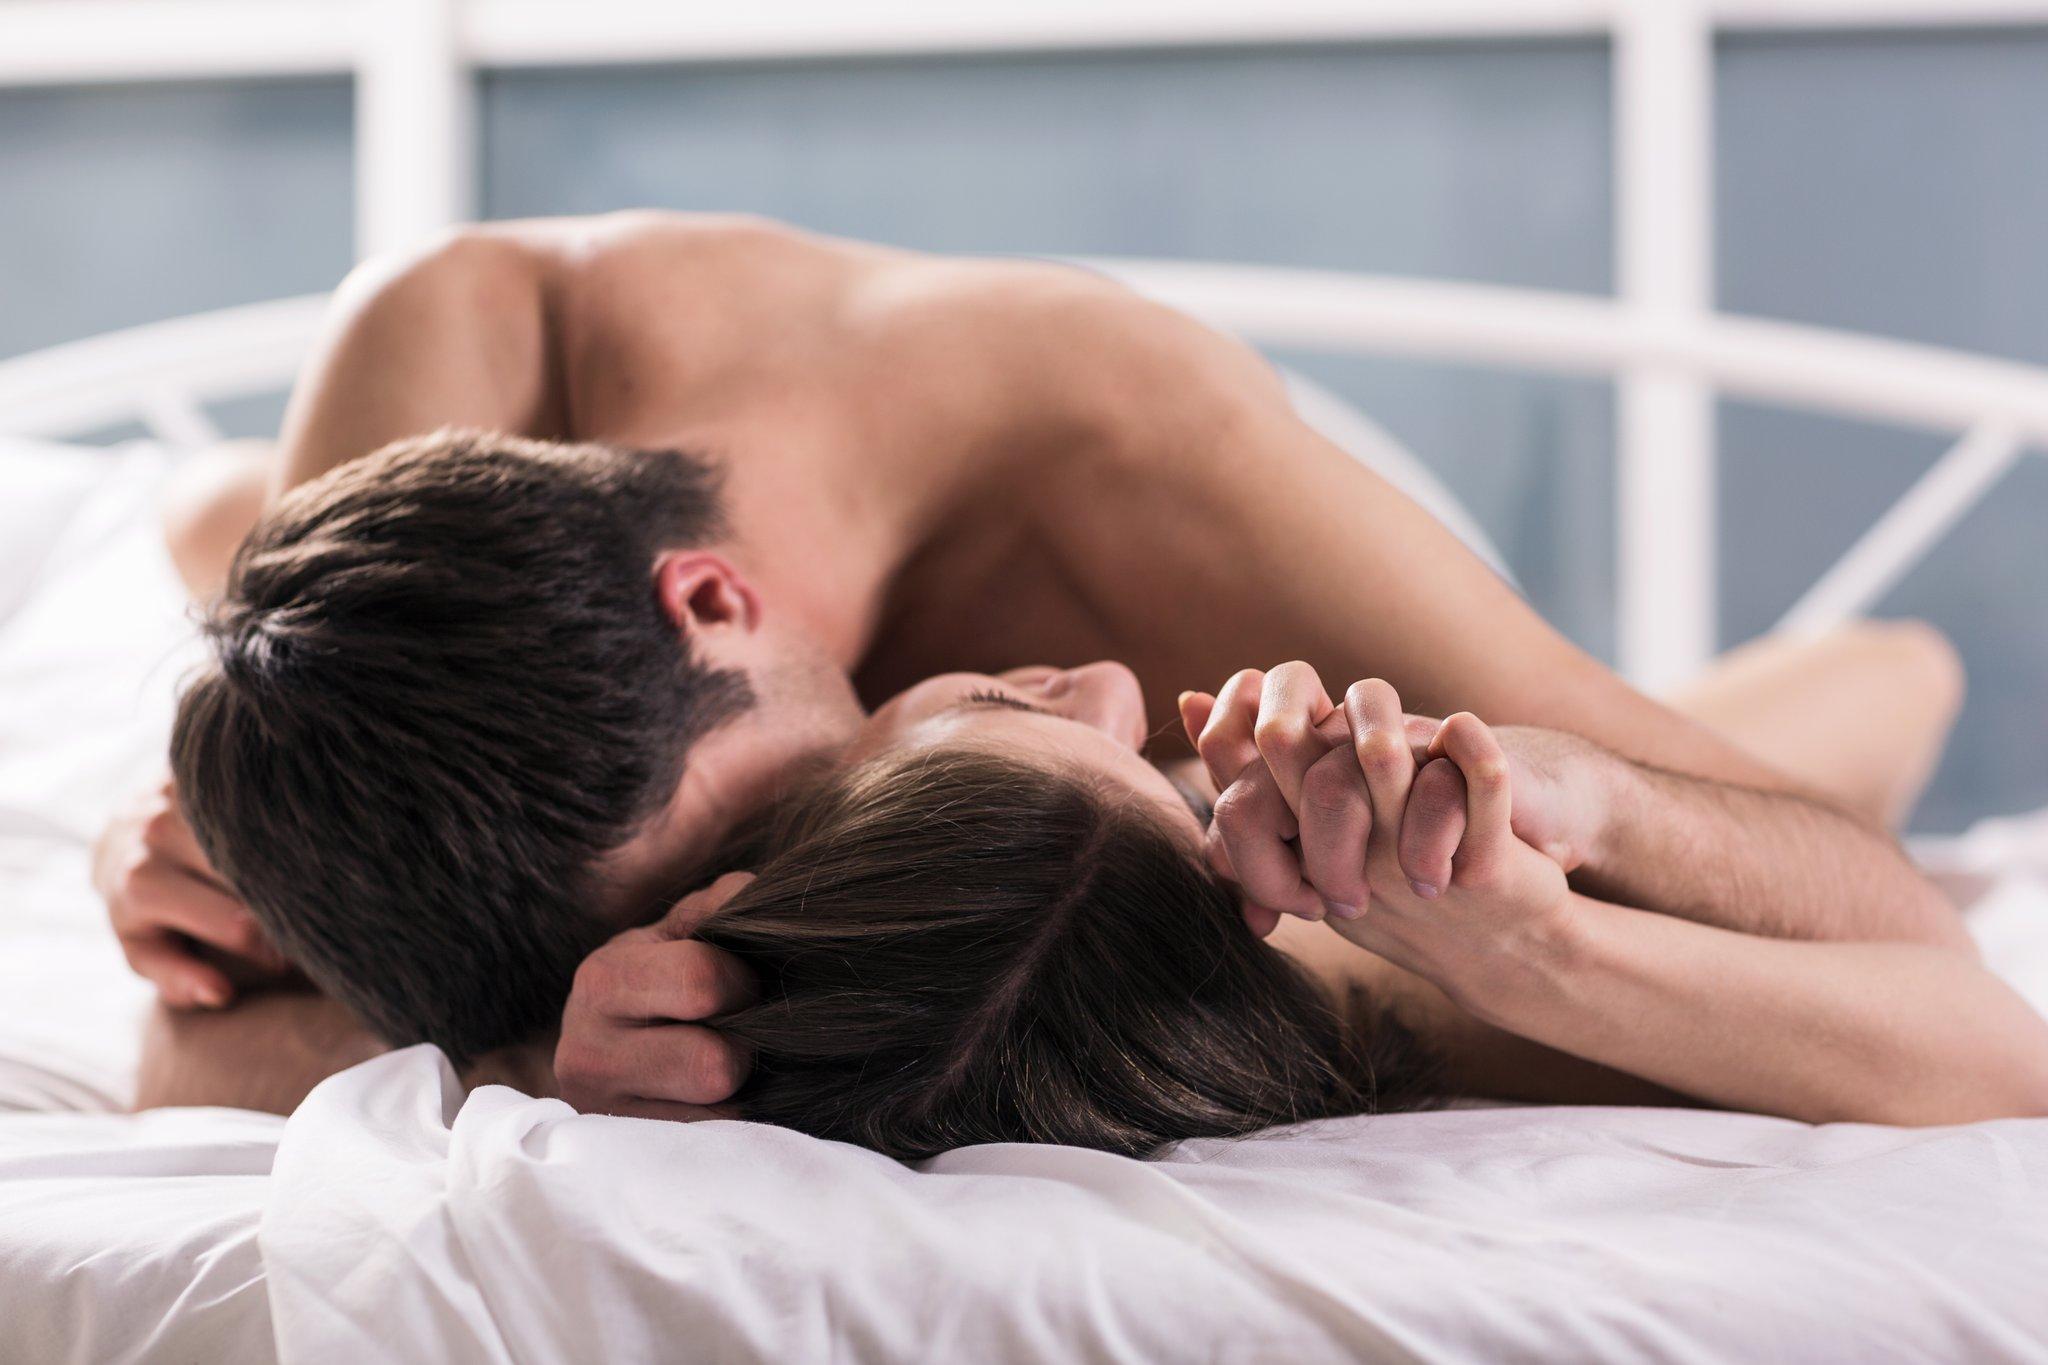 снимал целуются в постели все видео обнаженной женской висячей